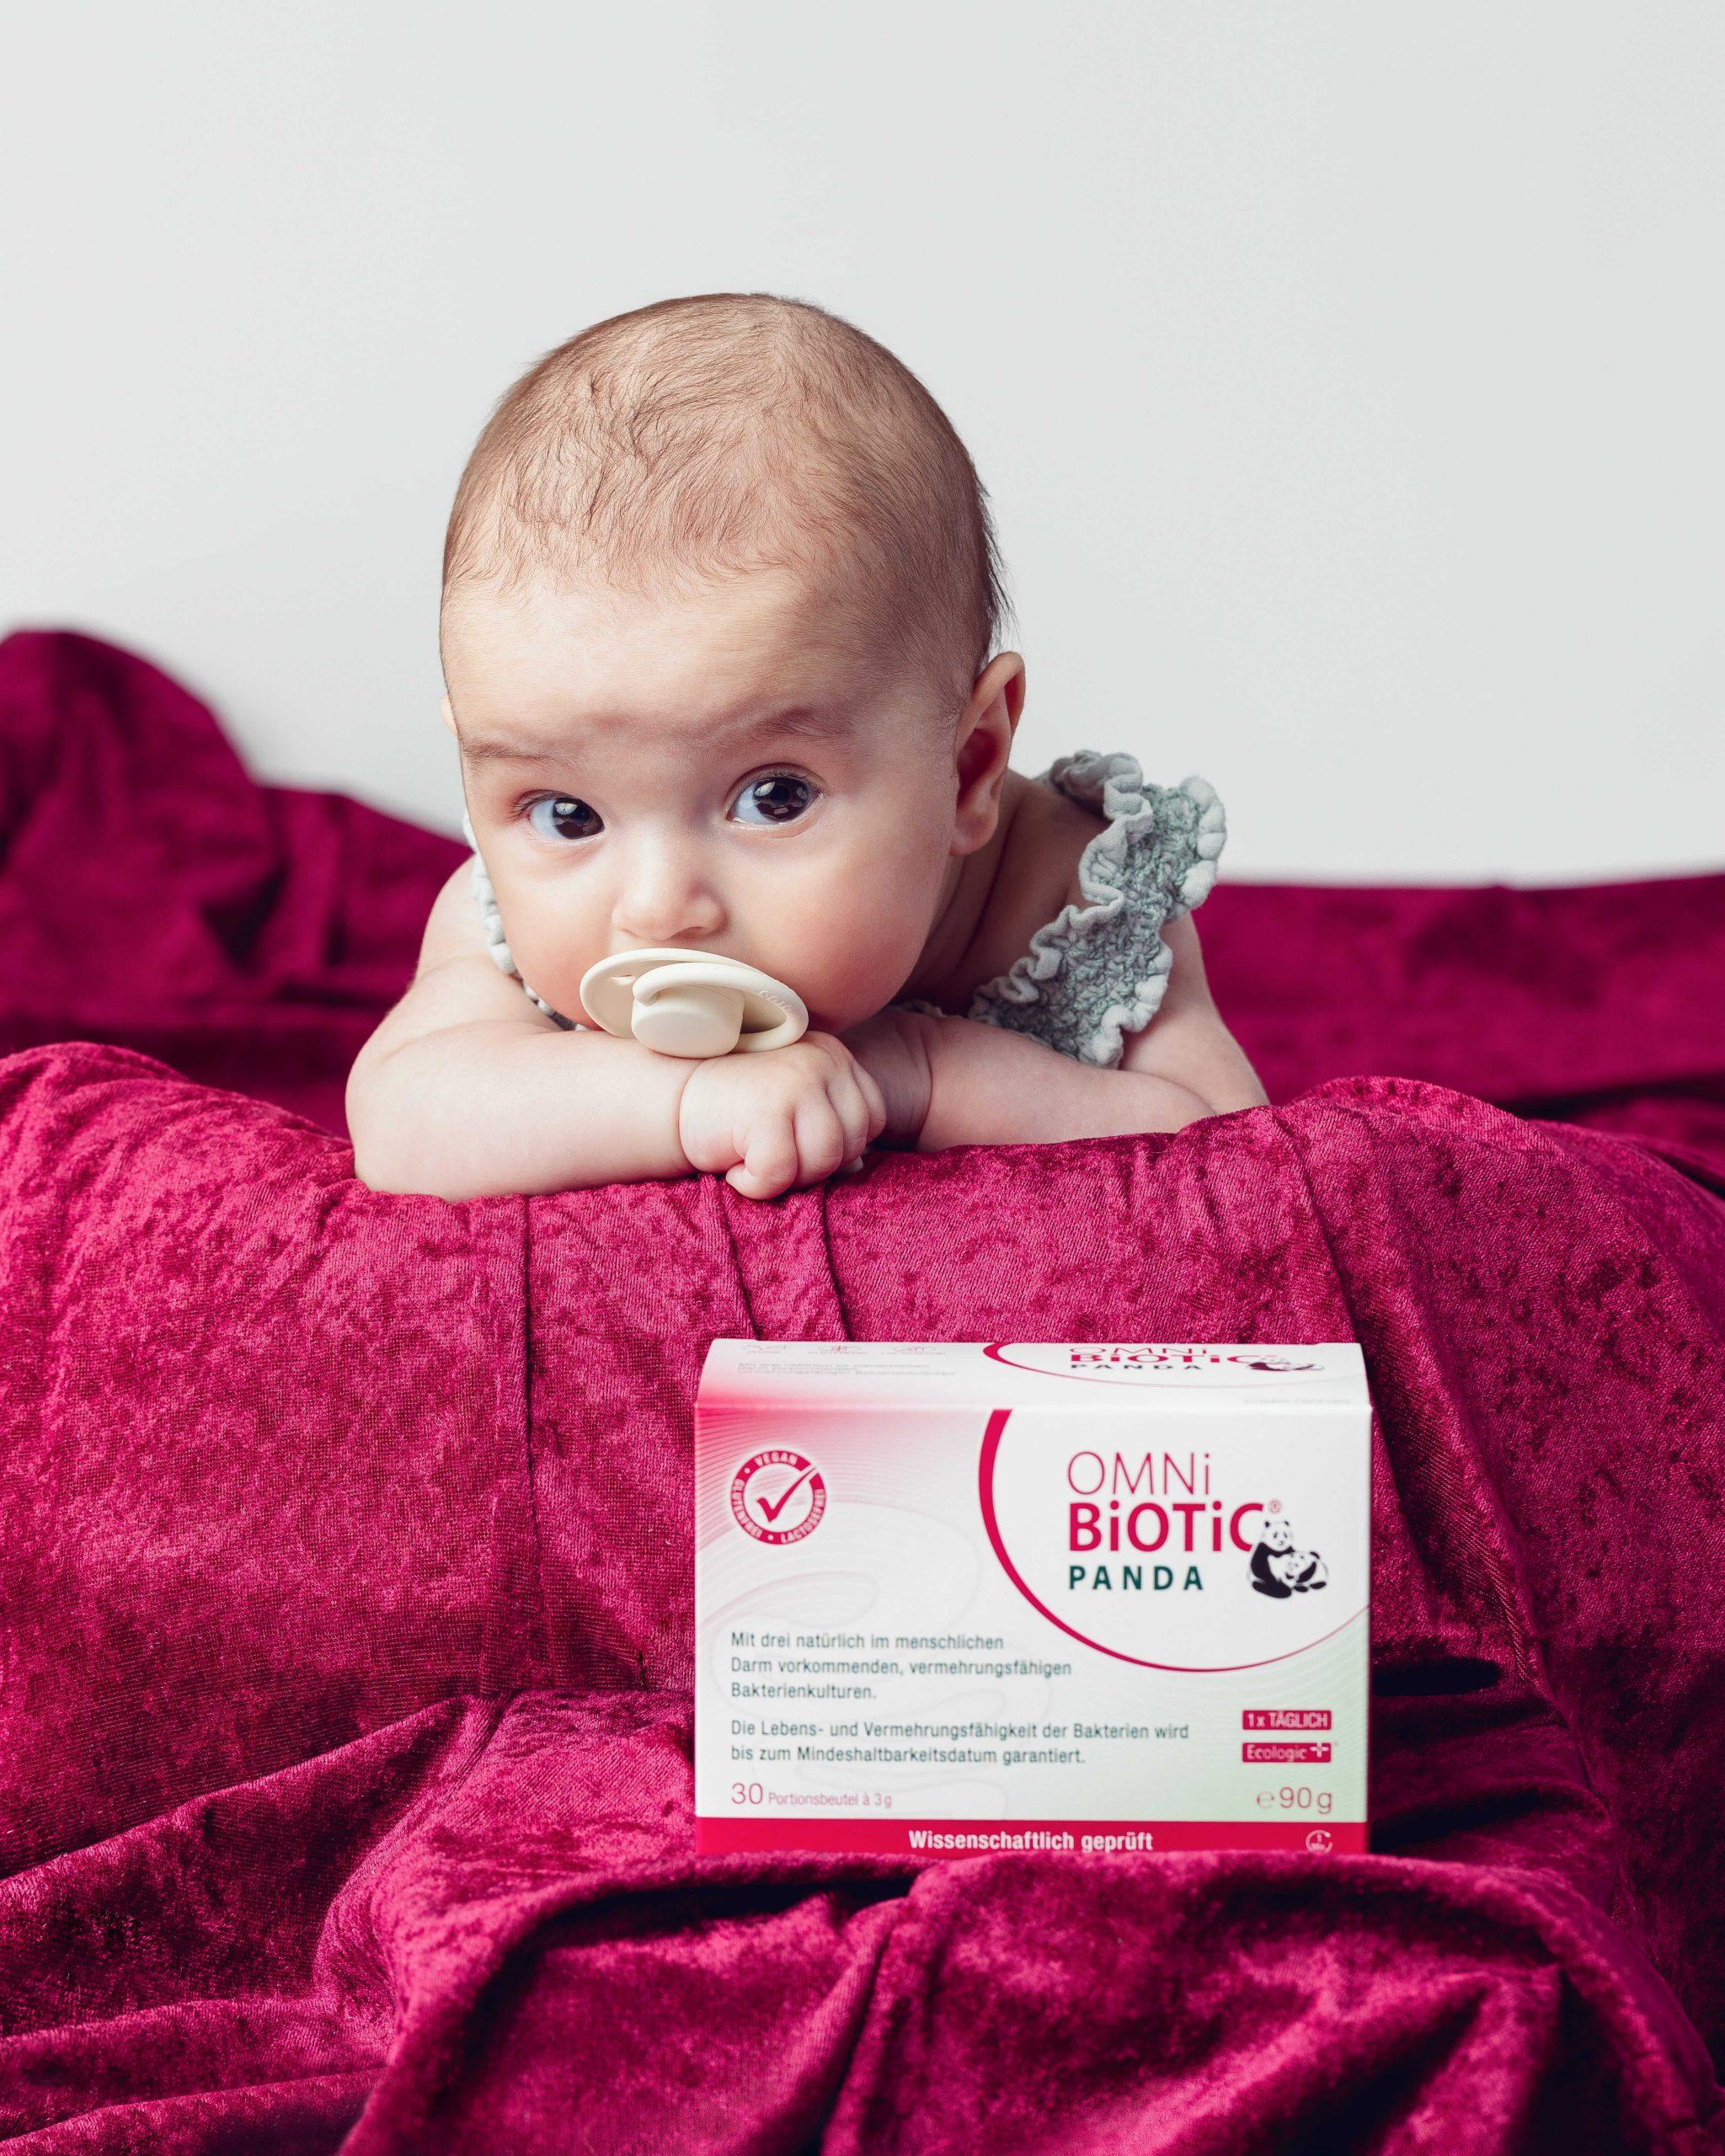 Baby liegt auf rotem Tuch mit OMNi-BiOTiC® PANDA im Vordergrund.